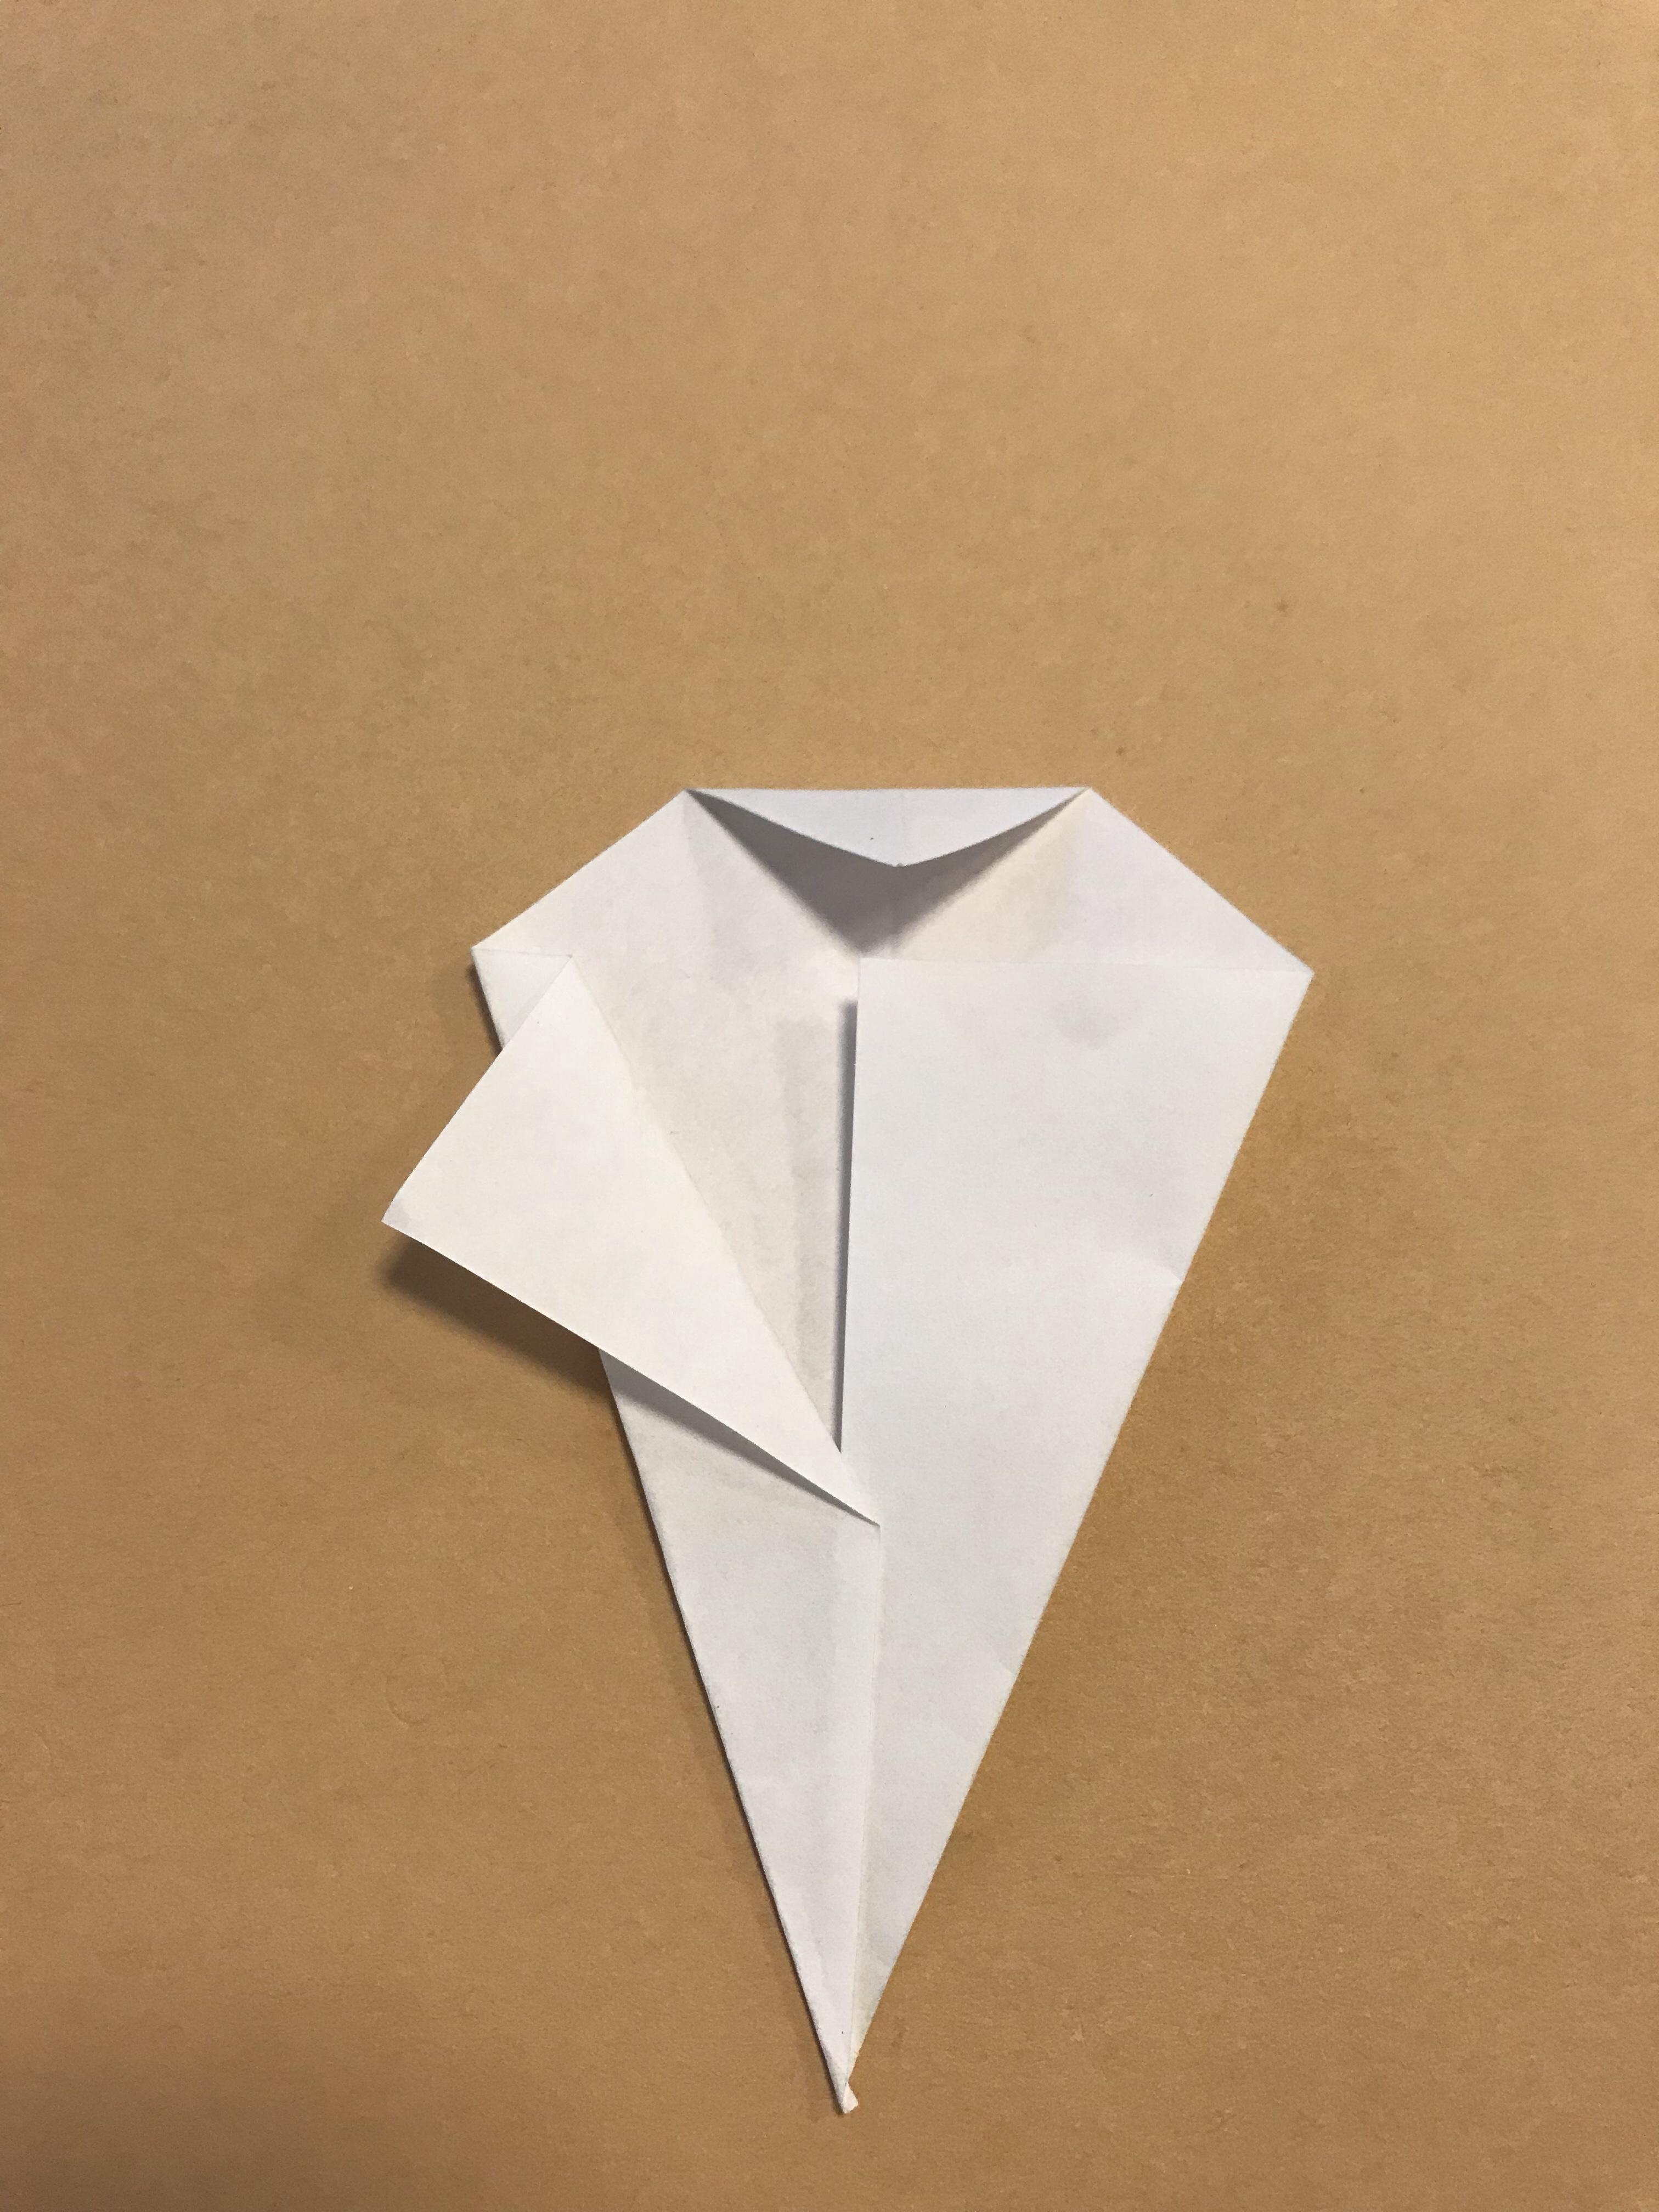 外側に向かって、片側の折り紙を折り返している写真